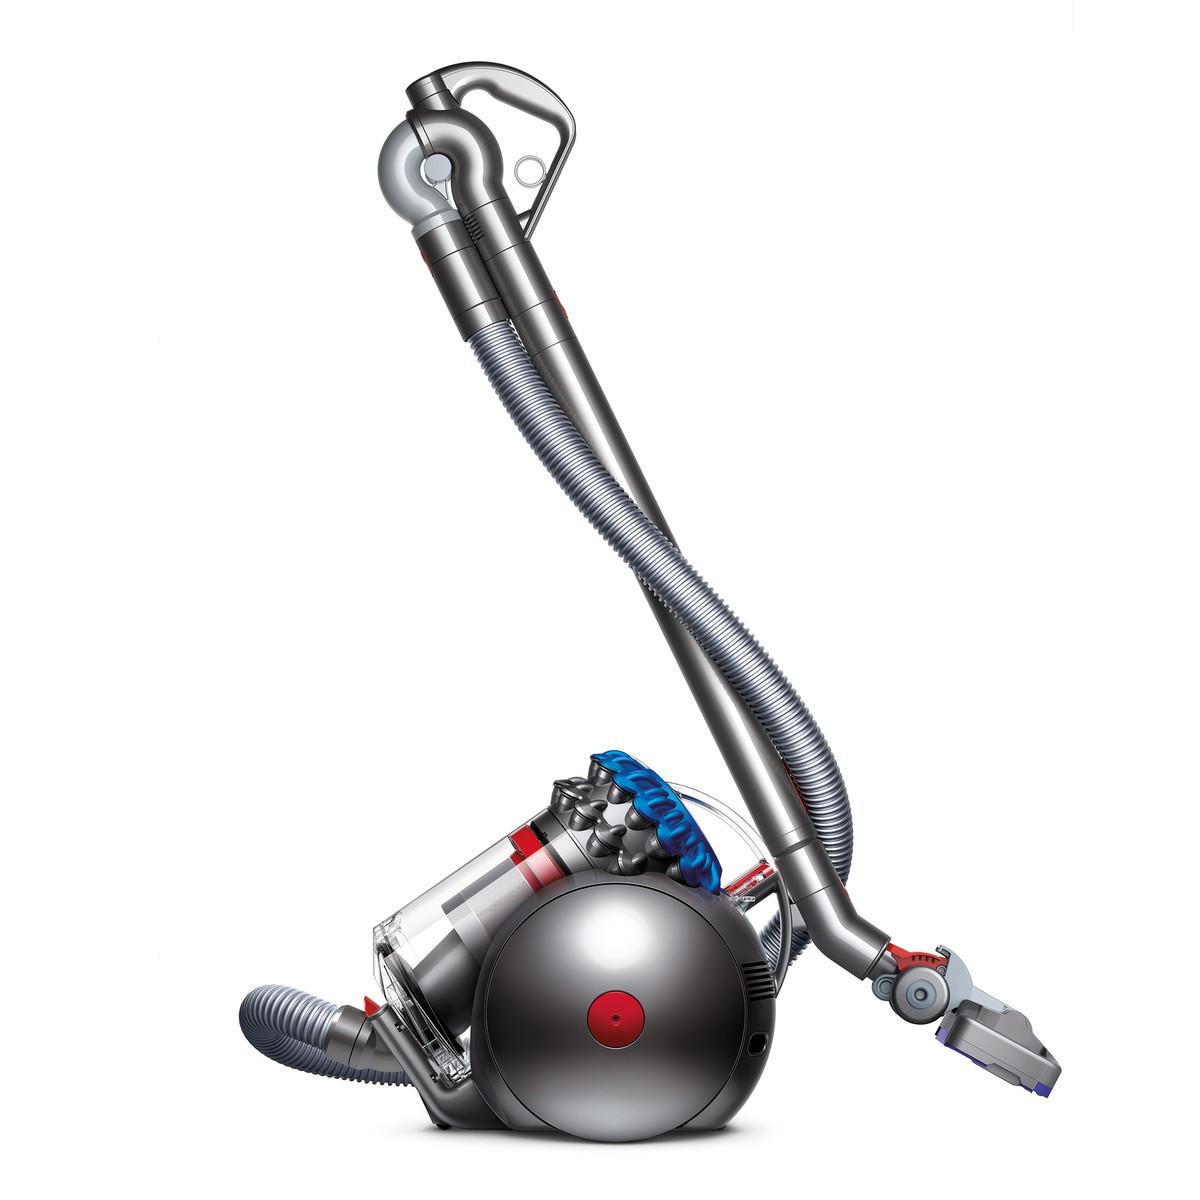 Aspirateur Sans Sac Dyson Big Ball Stubborn / Gris - 800W + 4 accessoires